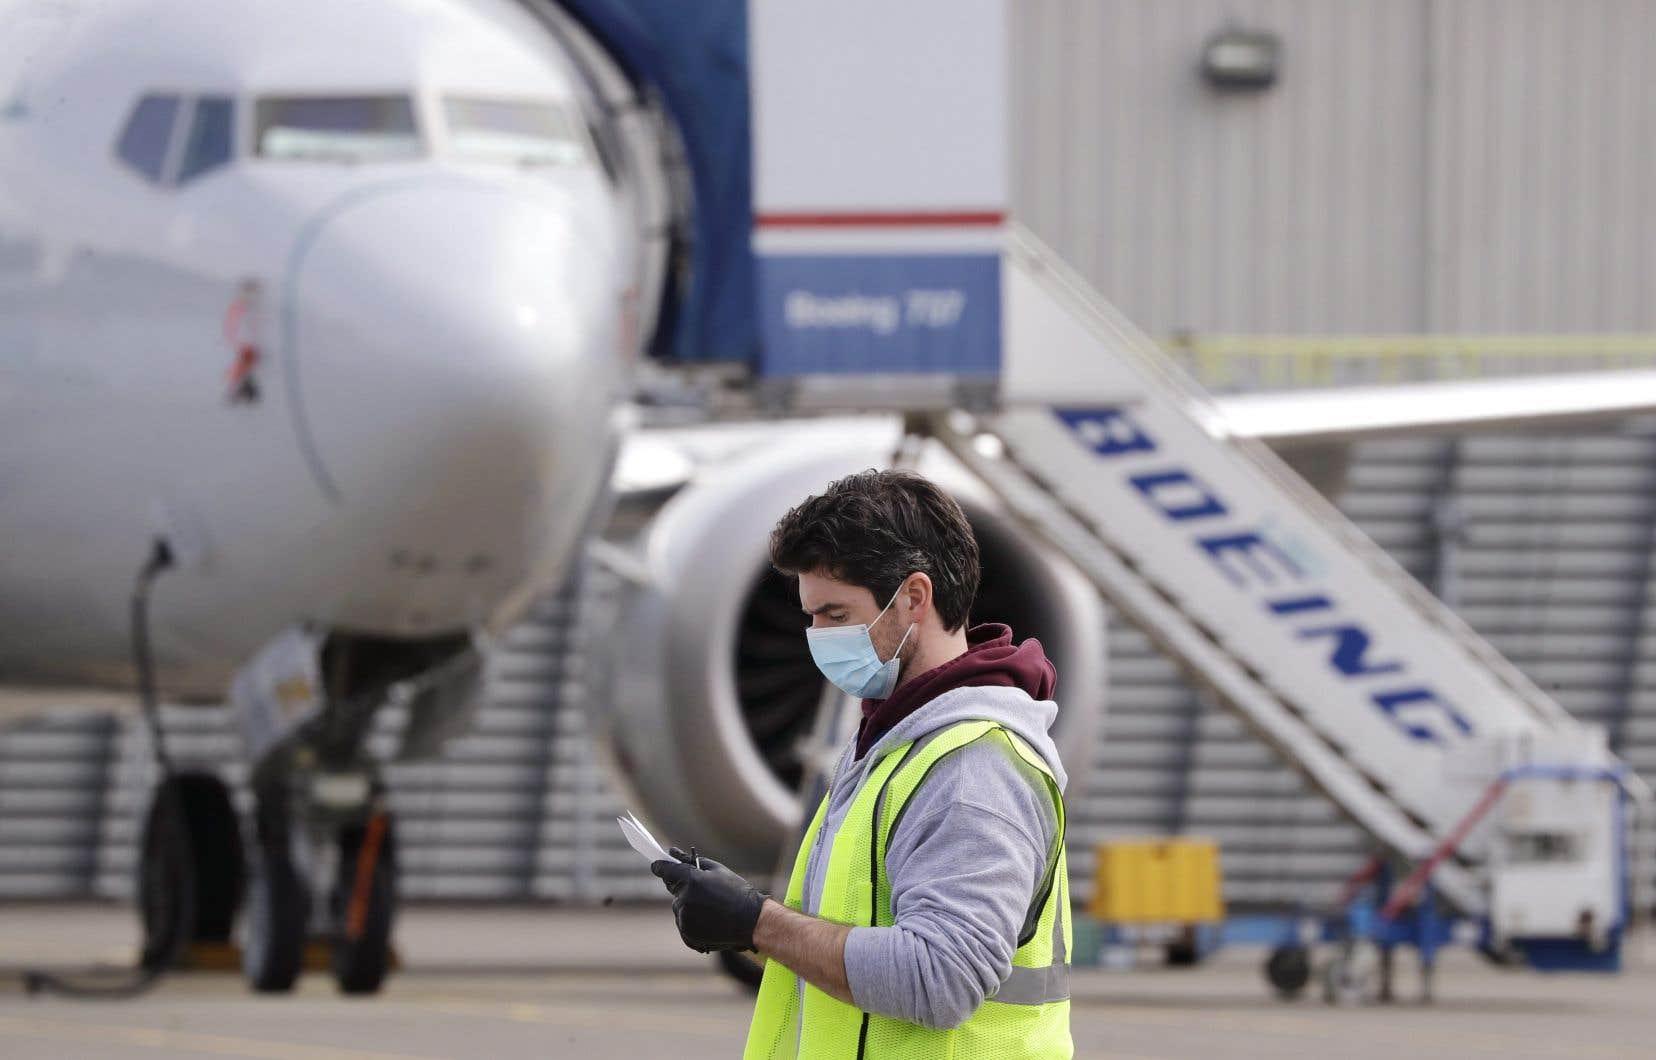 L'avionneur doit obtenir le feu vert des autorités sur les modifications effectuées, notamment sur le logiciel antidécrochage mis en cause dans deux accidents.